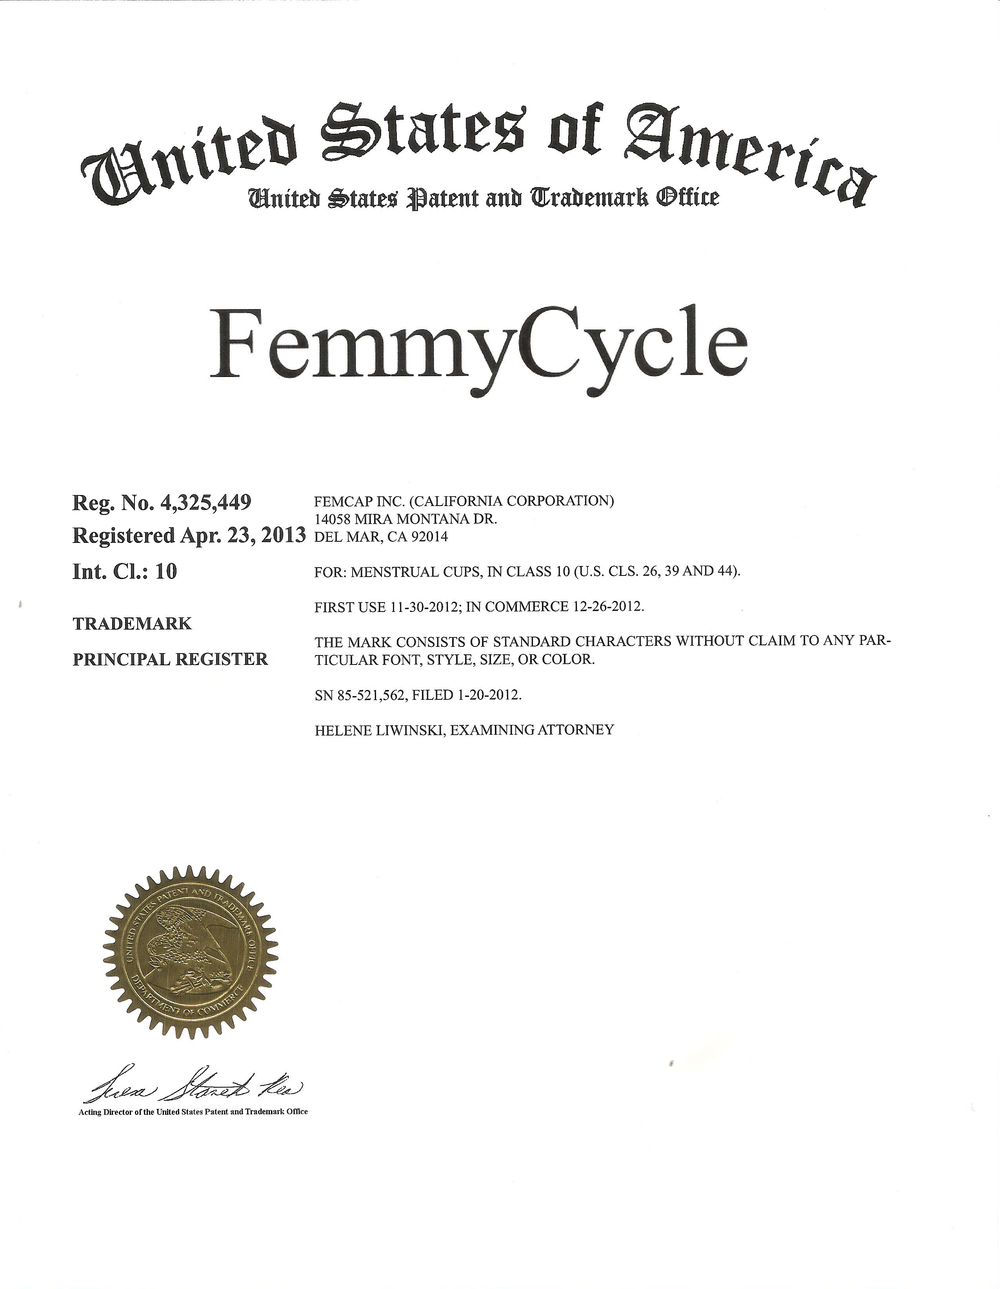 Патент ФеммиЦикл® 2013, США